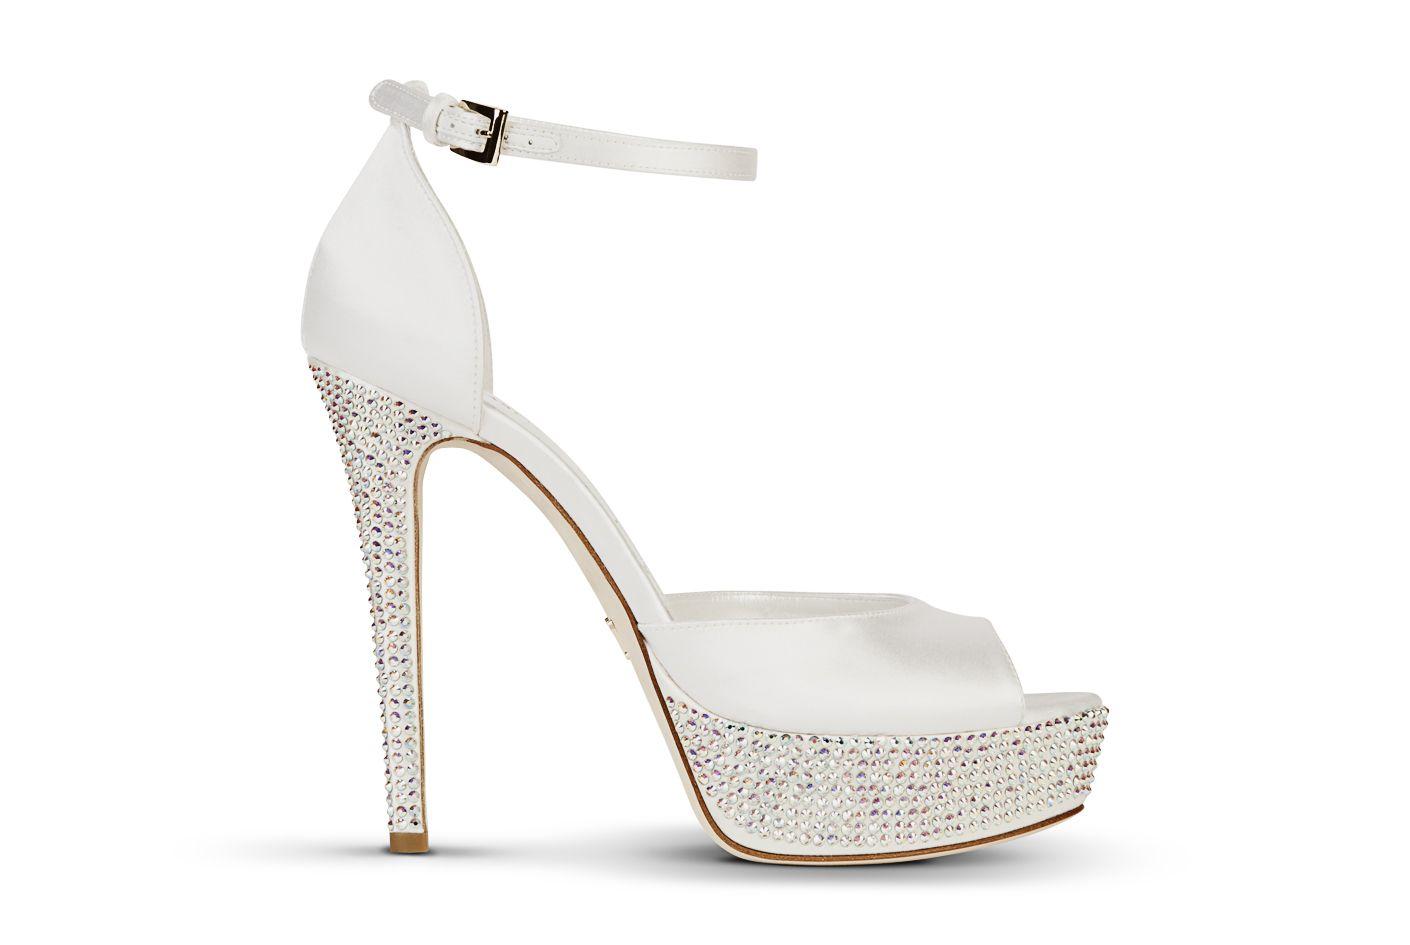 Scarpe Gioiello Sposa.Rose 72 Mascia Mandolesi Scarpe Da Sposa E Cerimonia Online